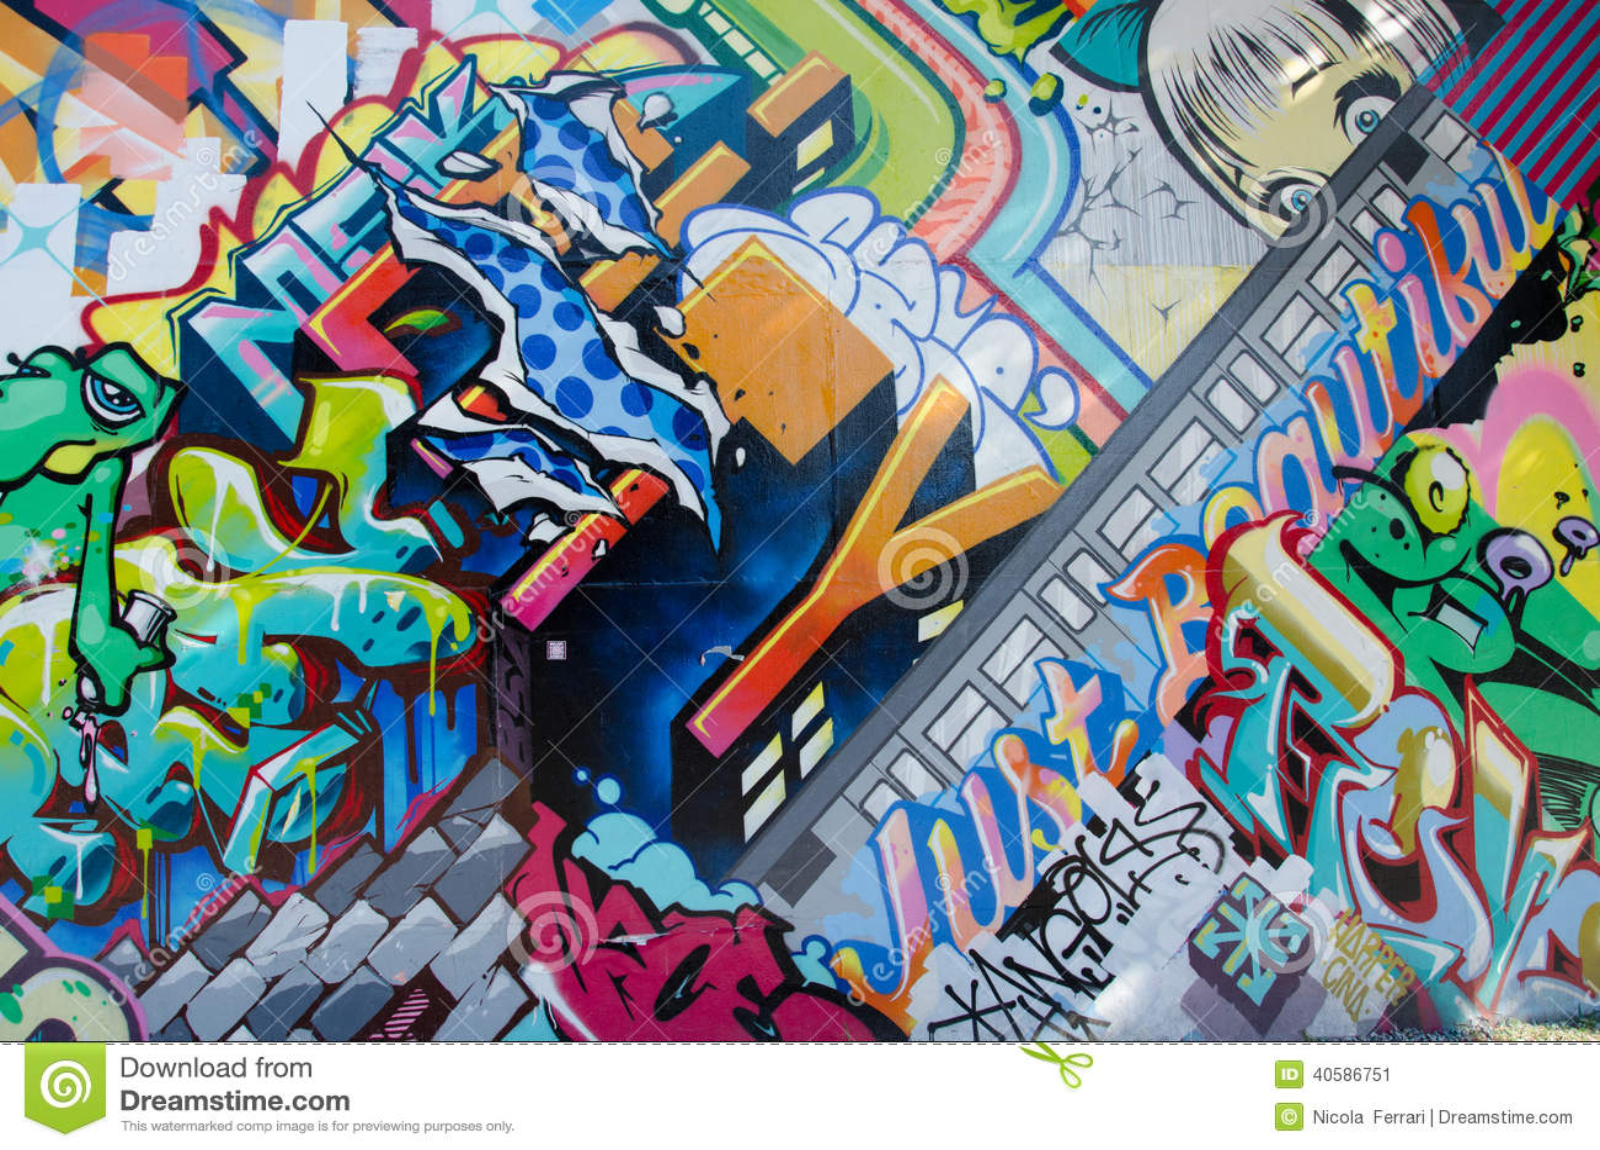 Brooklyn Nyc Us October 1 2013 Street Art In Brooklyn